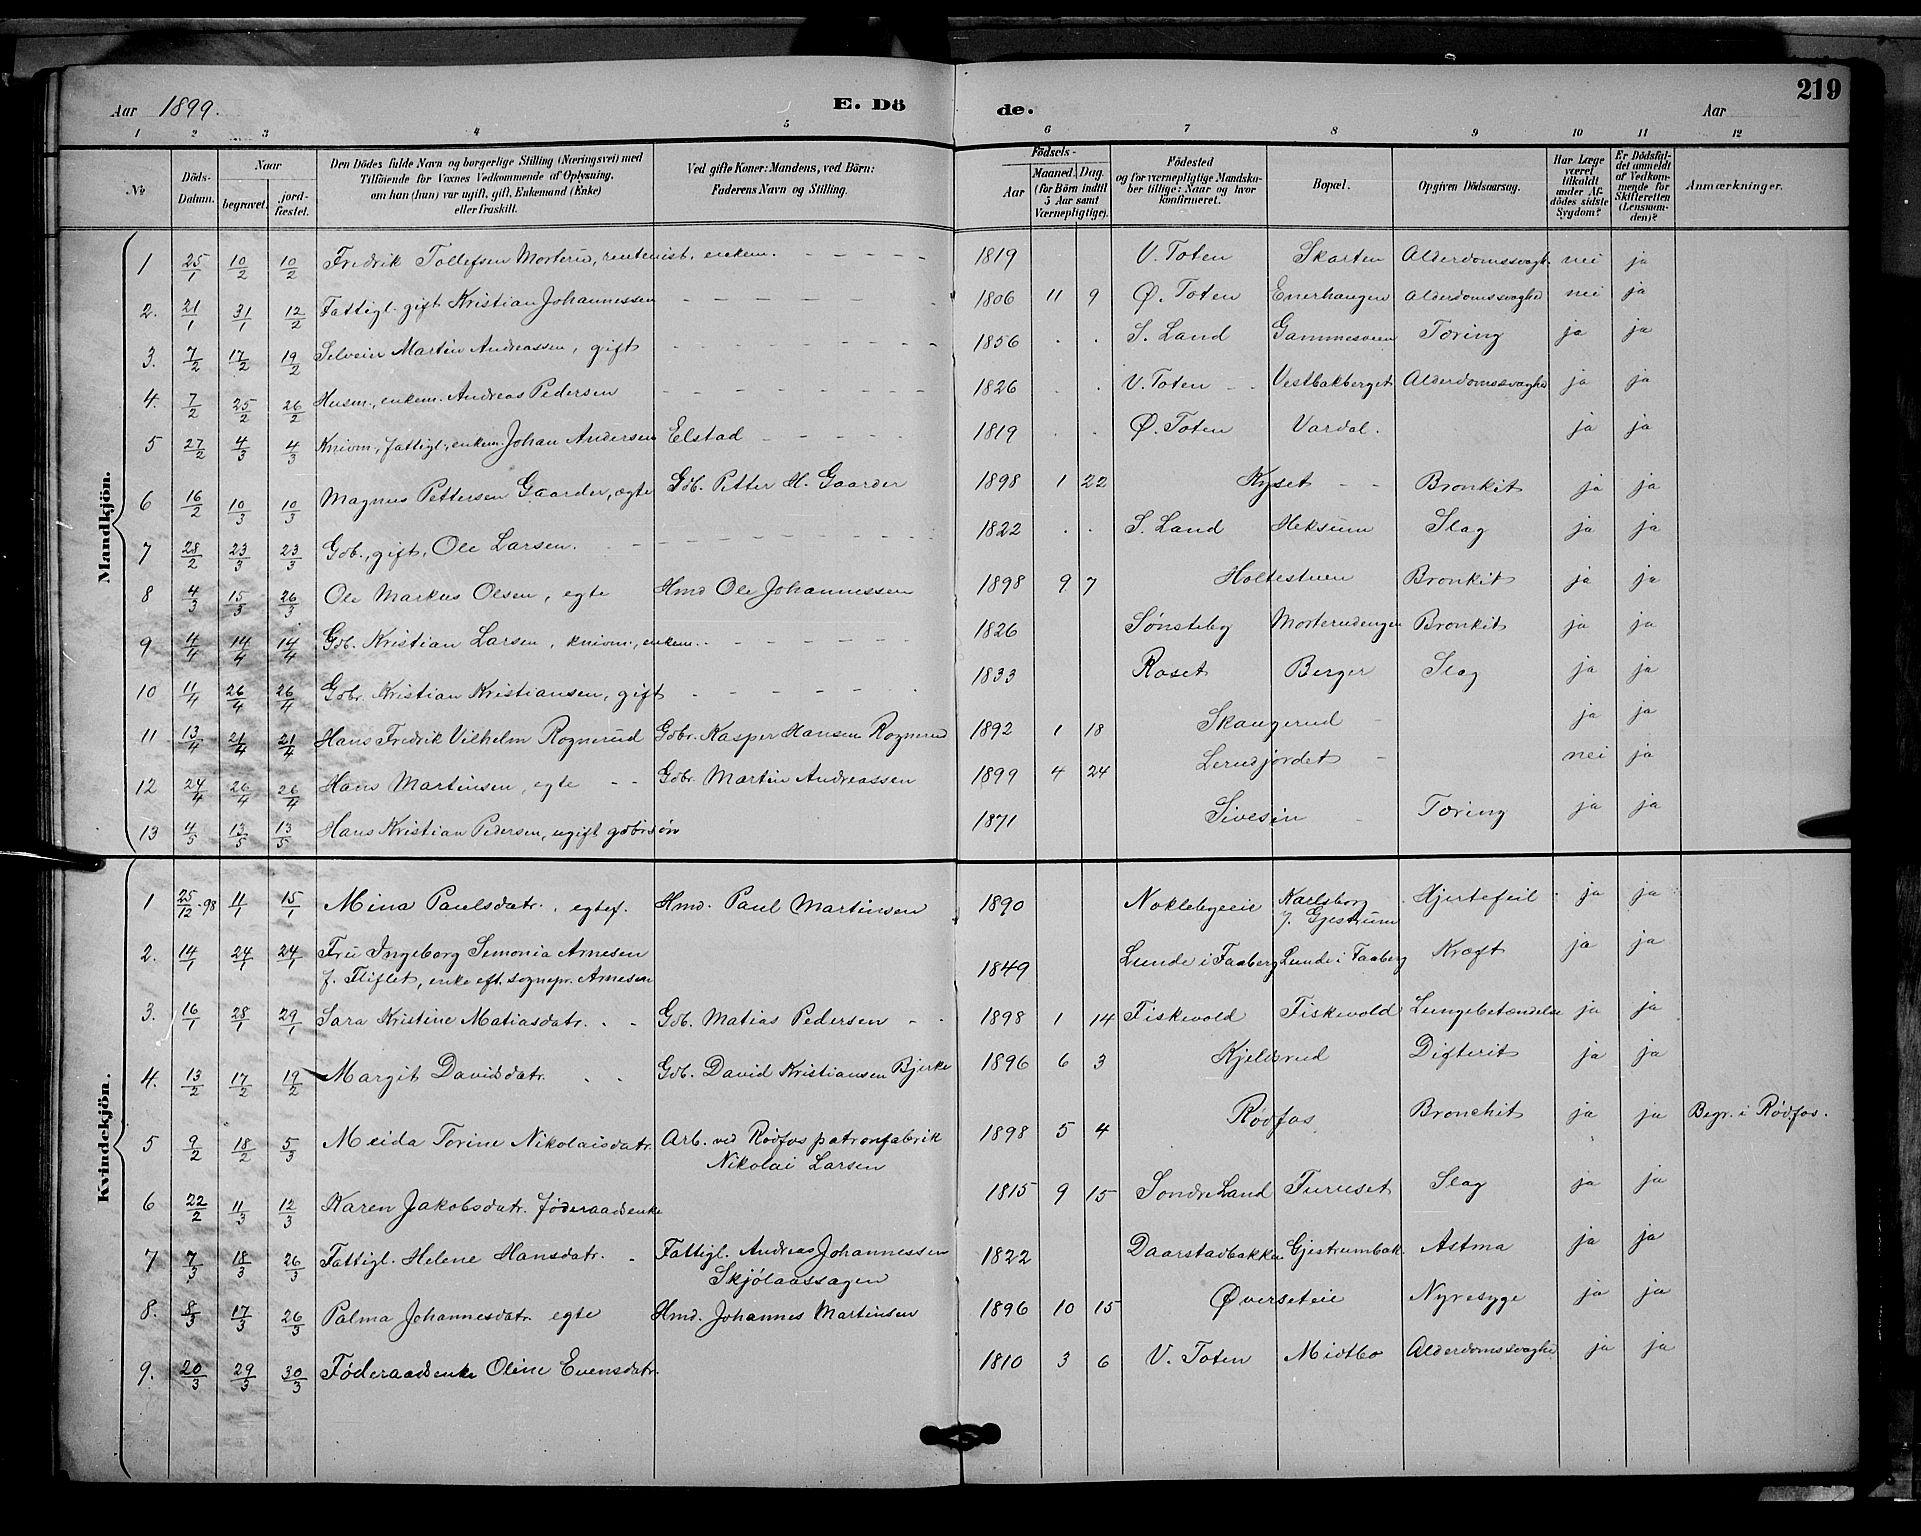 SAH, Vestre Toten prestekontor, Klokkerbok nr. 9, 1888-1900, s. 219